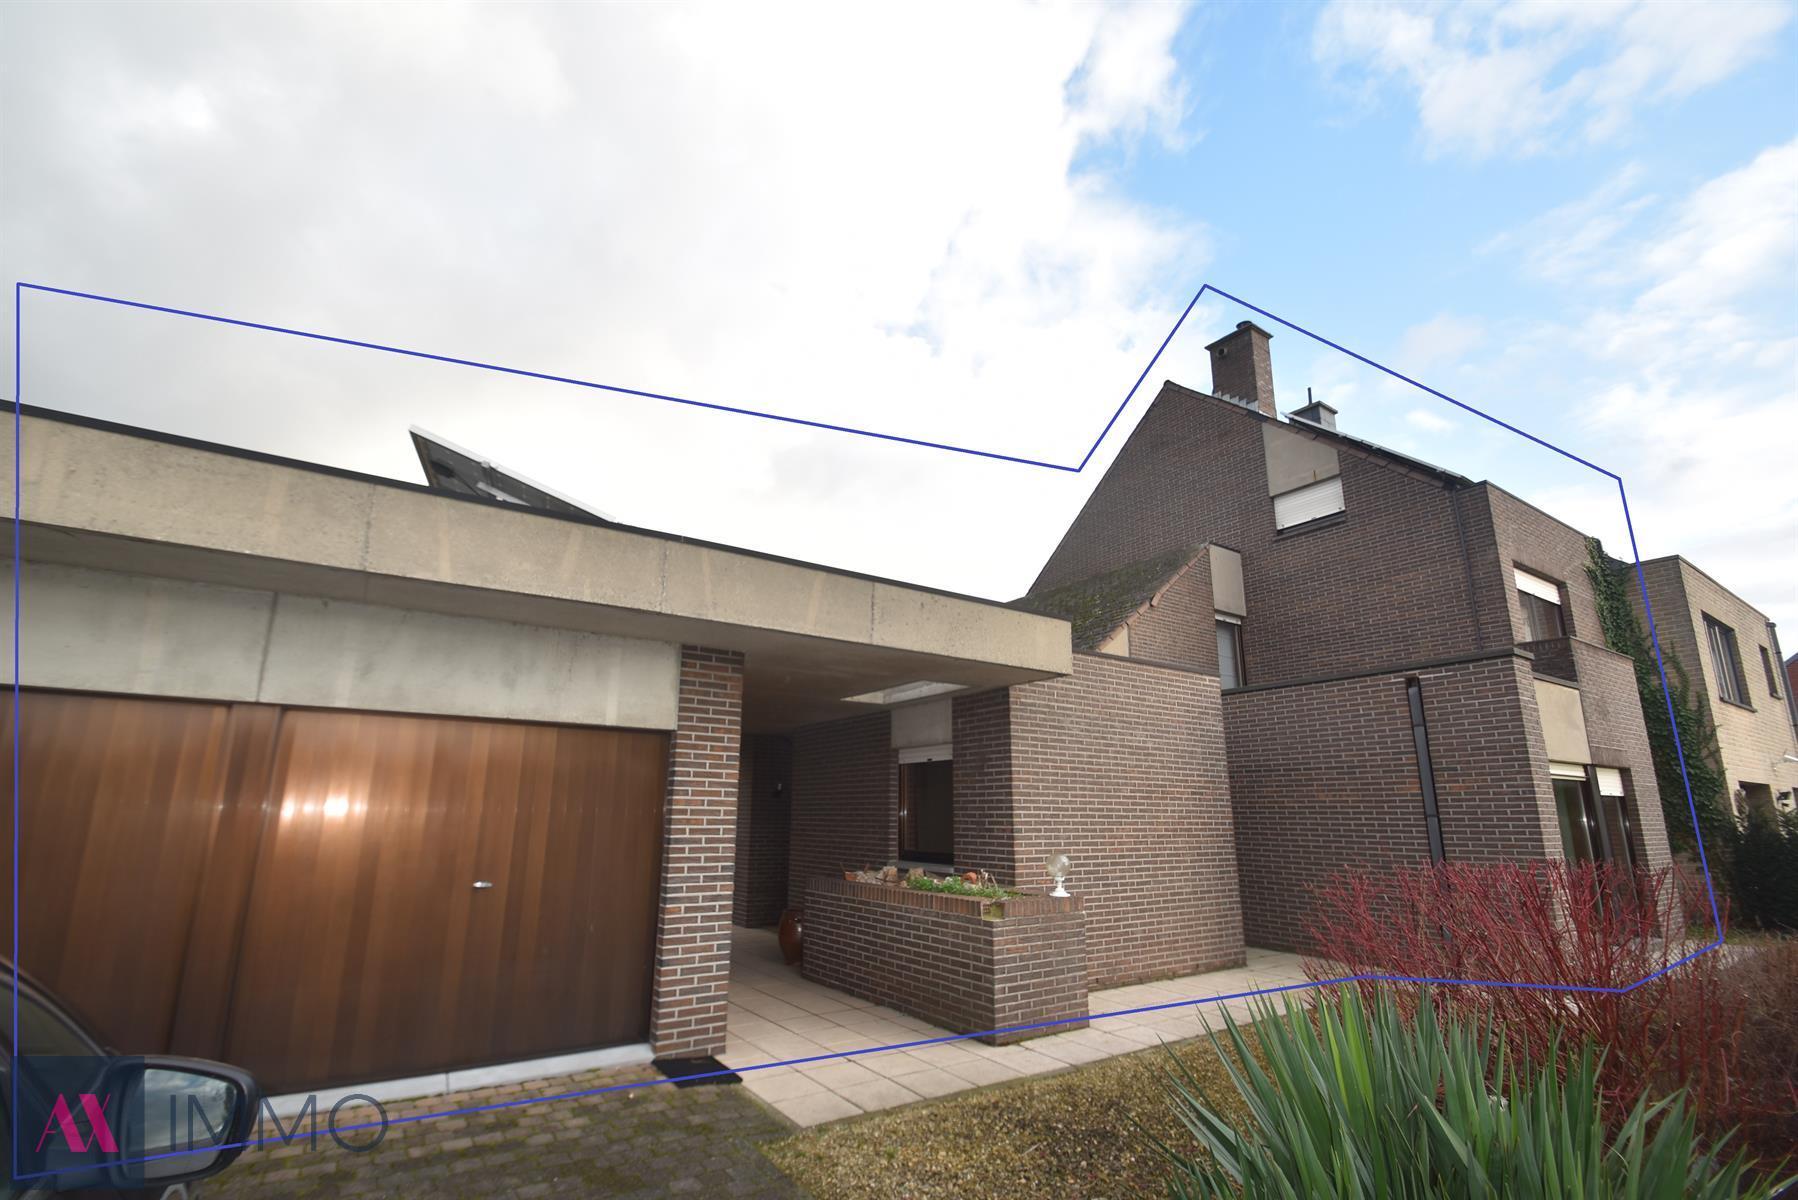 Ruime Half-open woning met 3 slpk., bureel, dubbele garage, badkamer en douchekamer, grote oprit, voortuin en atelier van 151 m².